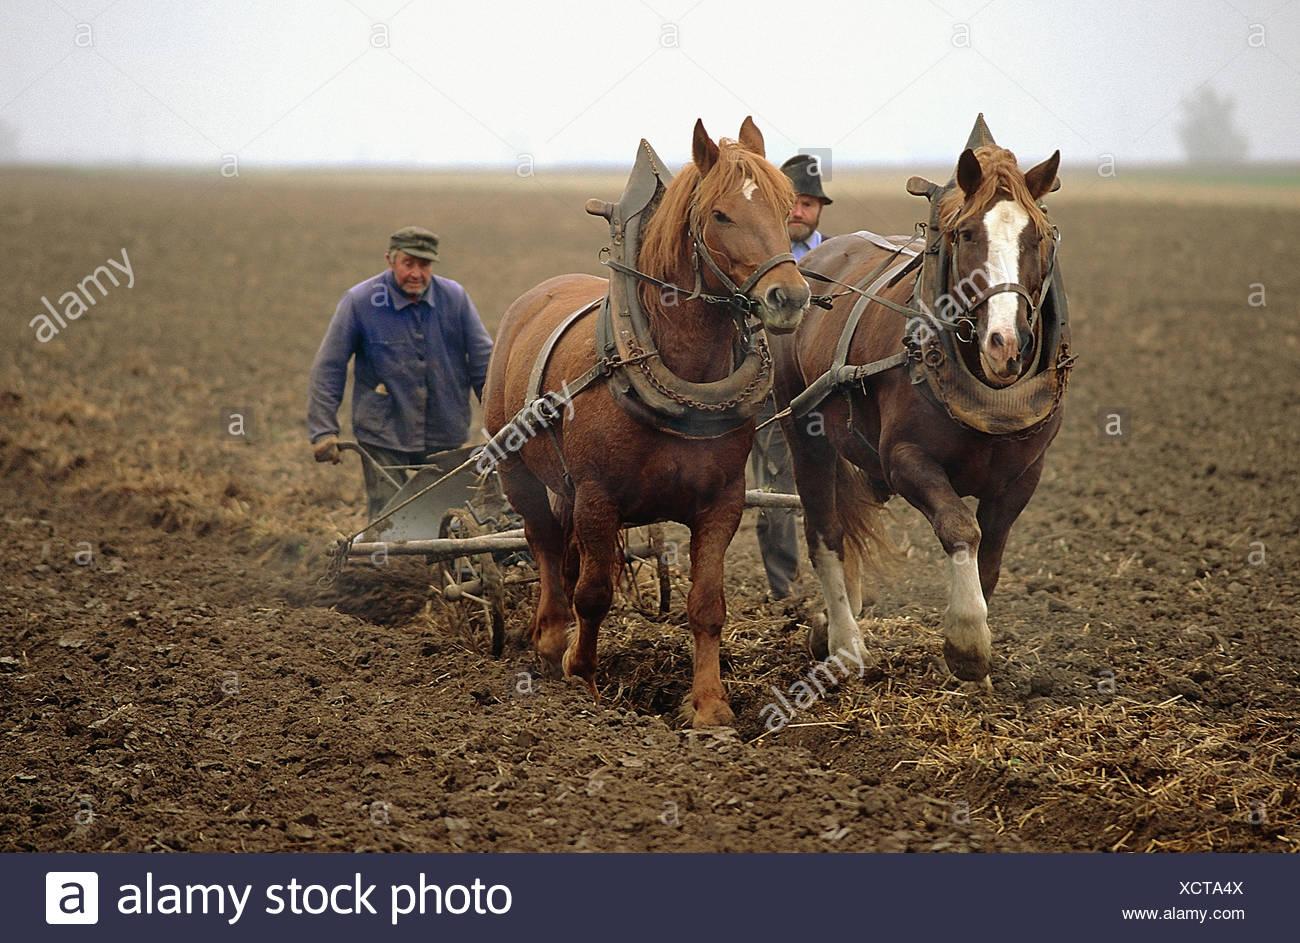 Bauern pflügen mit Pferden Stockfoto, Bild: 283276586 - Alamy